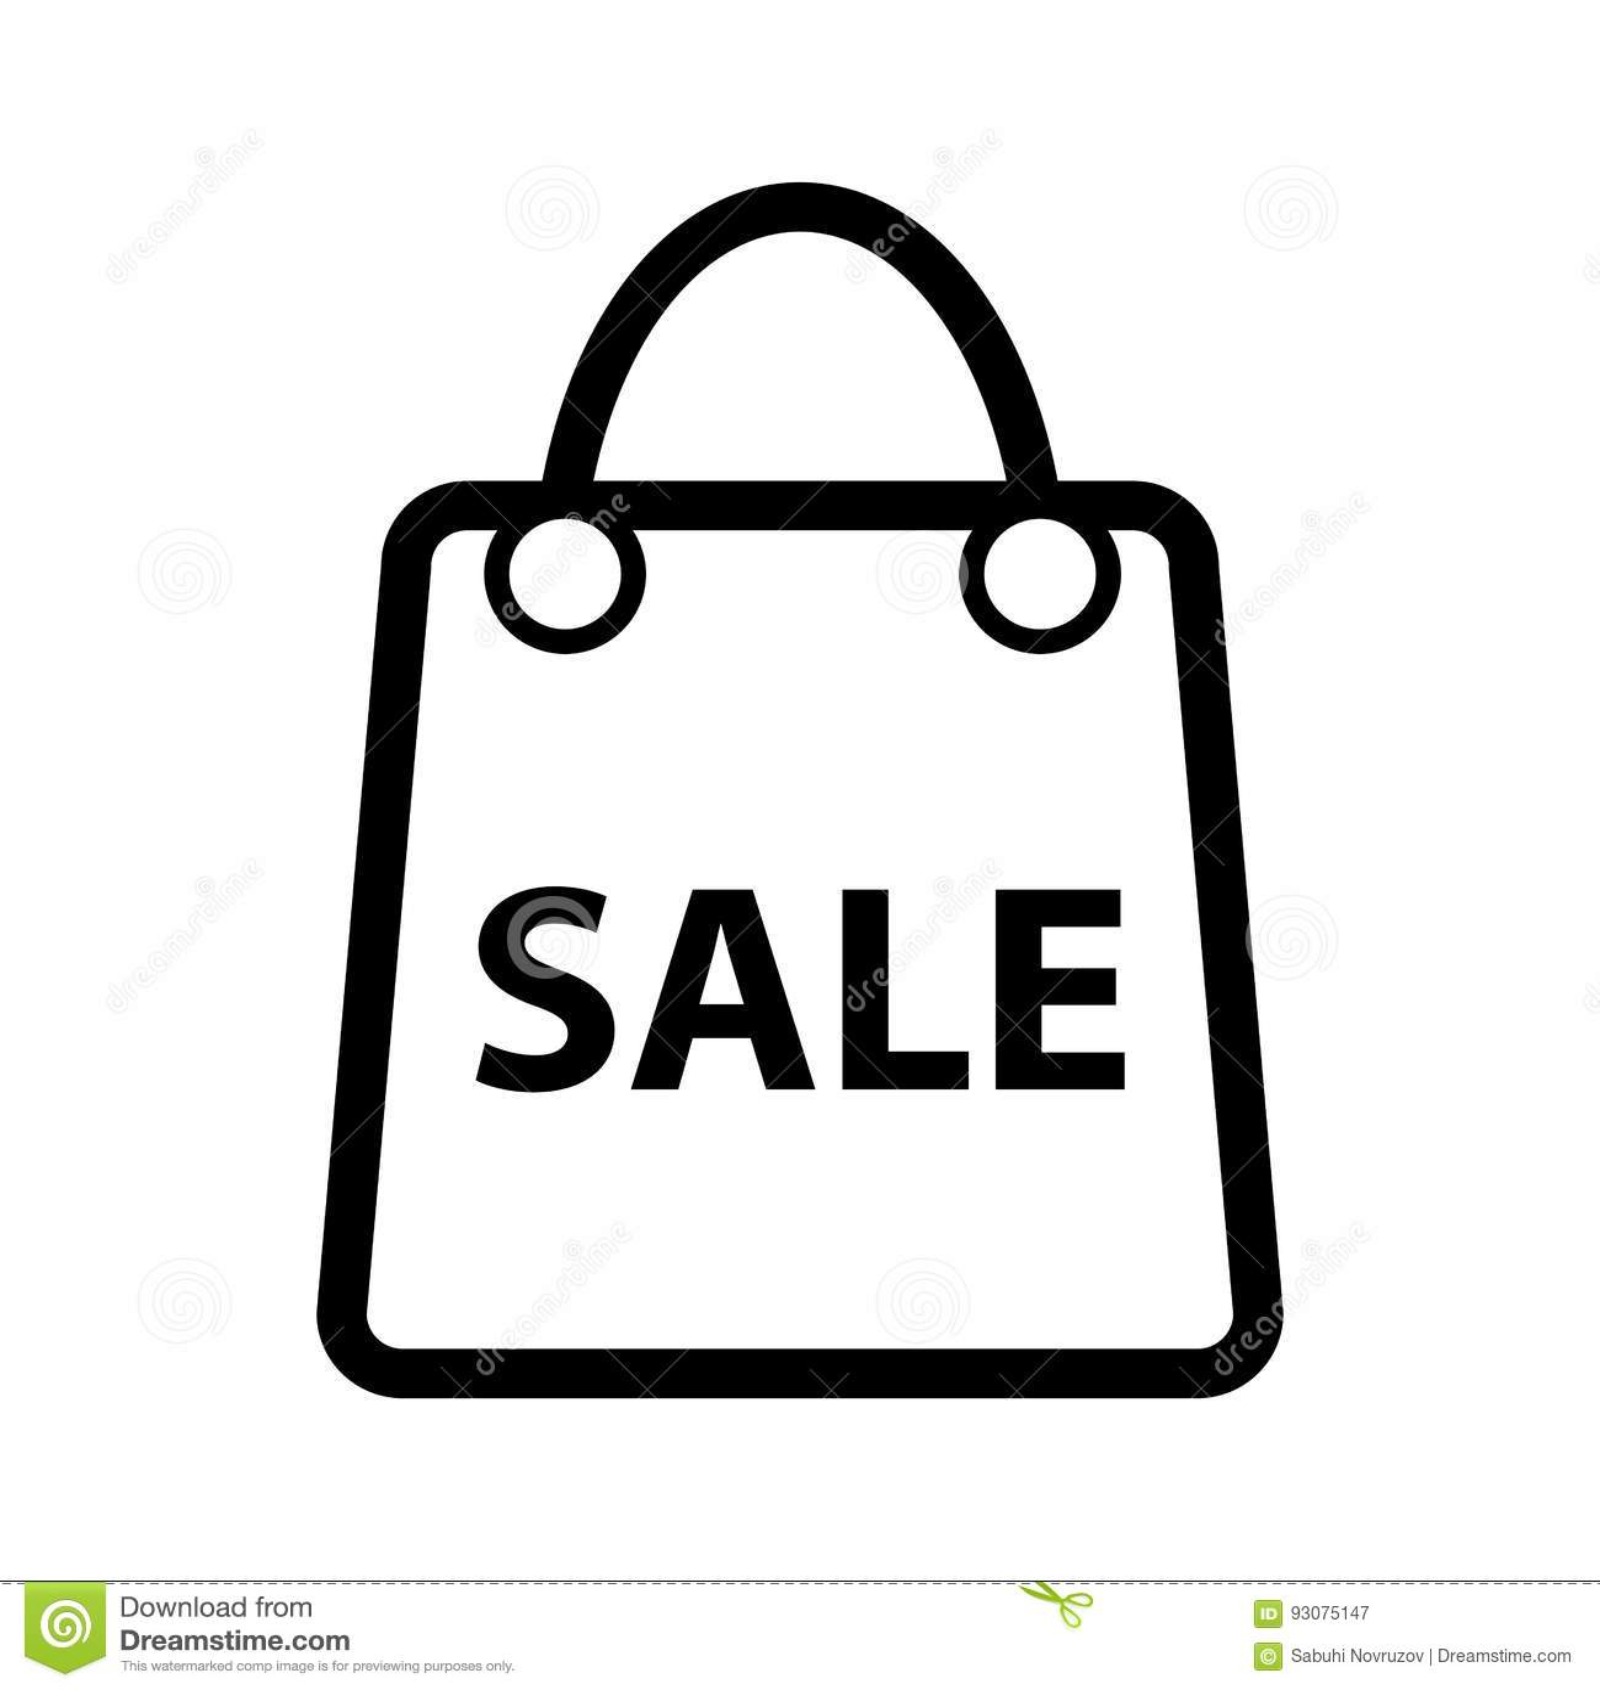 Ícone do vetor da venda da compra Ícone preto e branco do saco para anunciar a ilustração dos discontos Ícone da compra do esboço